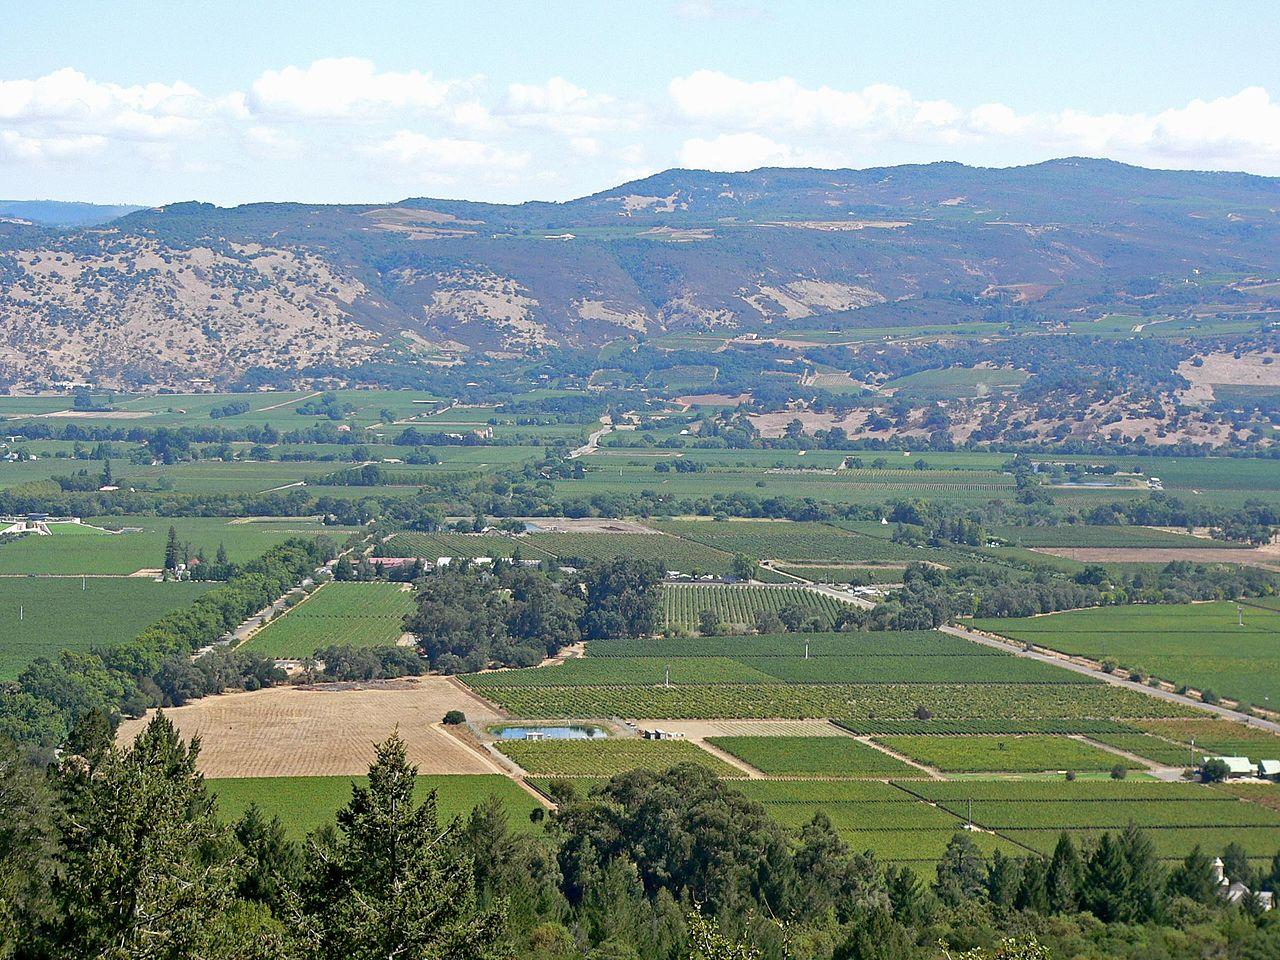 Типичный пейзаж долины Напа, Калифорния